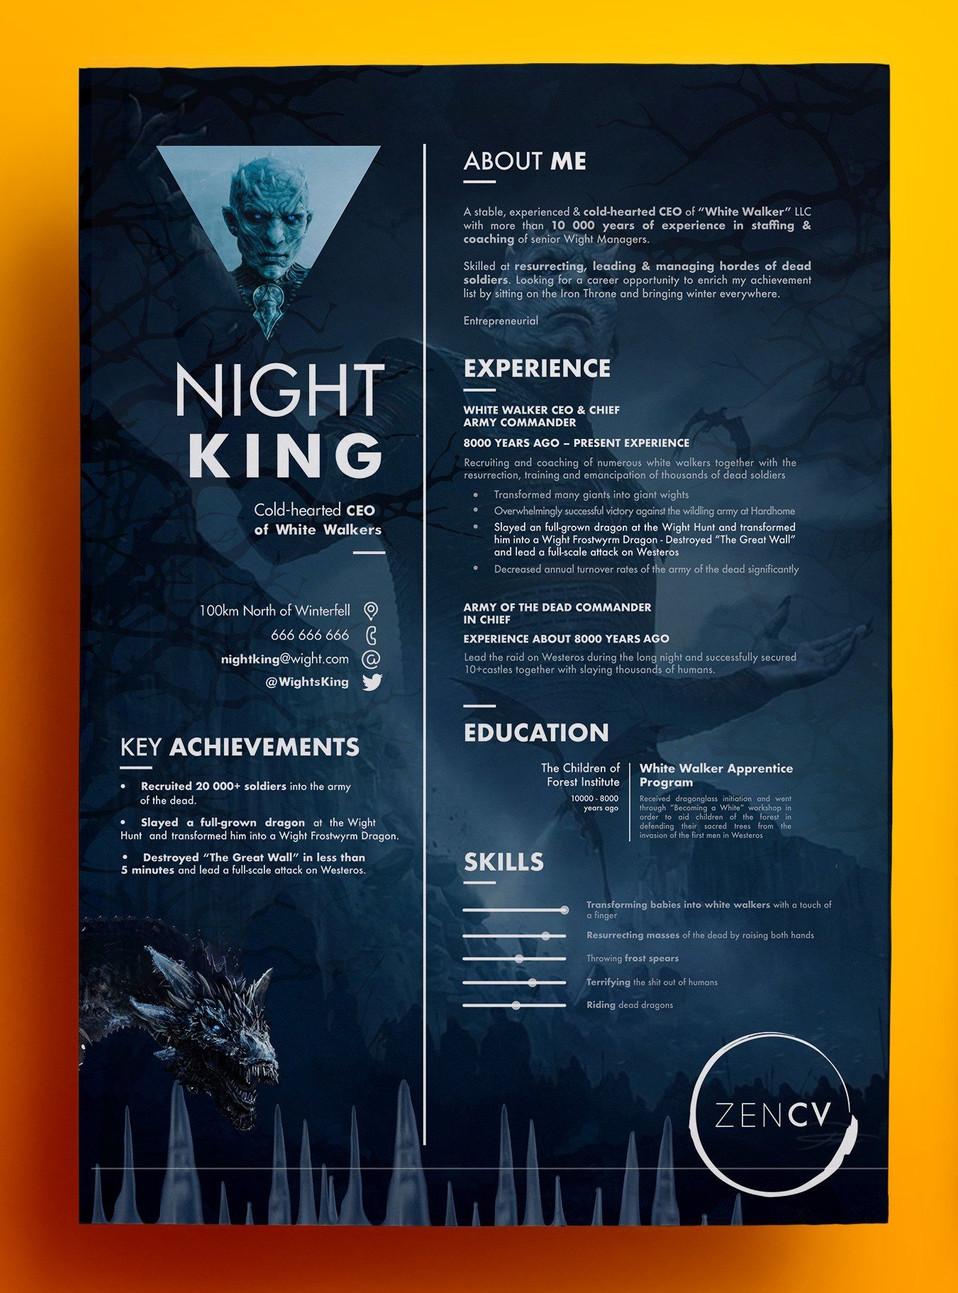 Night_king_new.jfif